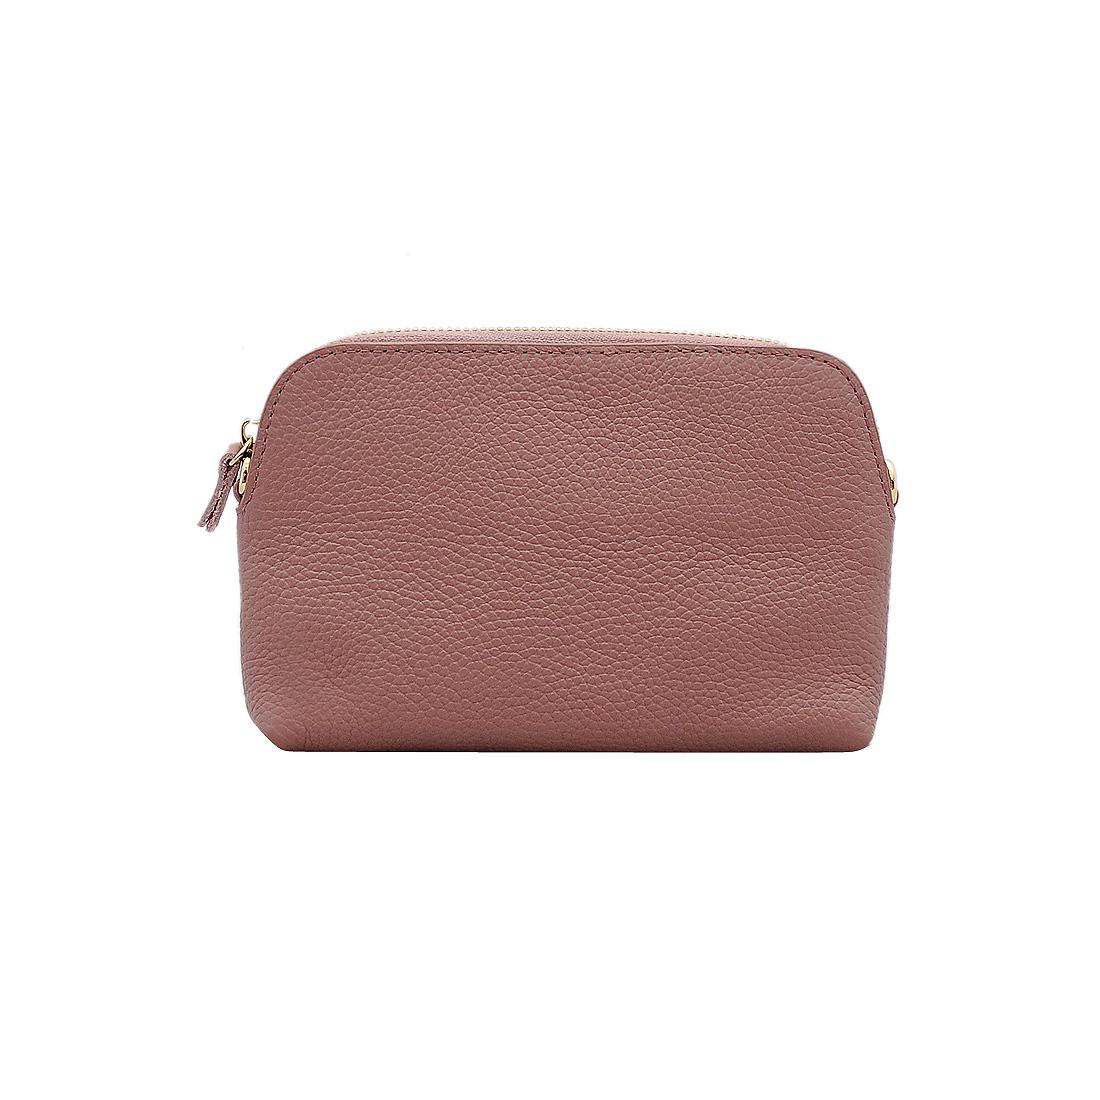 Túi đeo chéo nữ ELMI da bò thật cao cấp màu hồng ET593